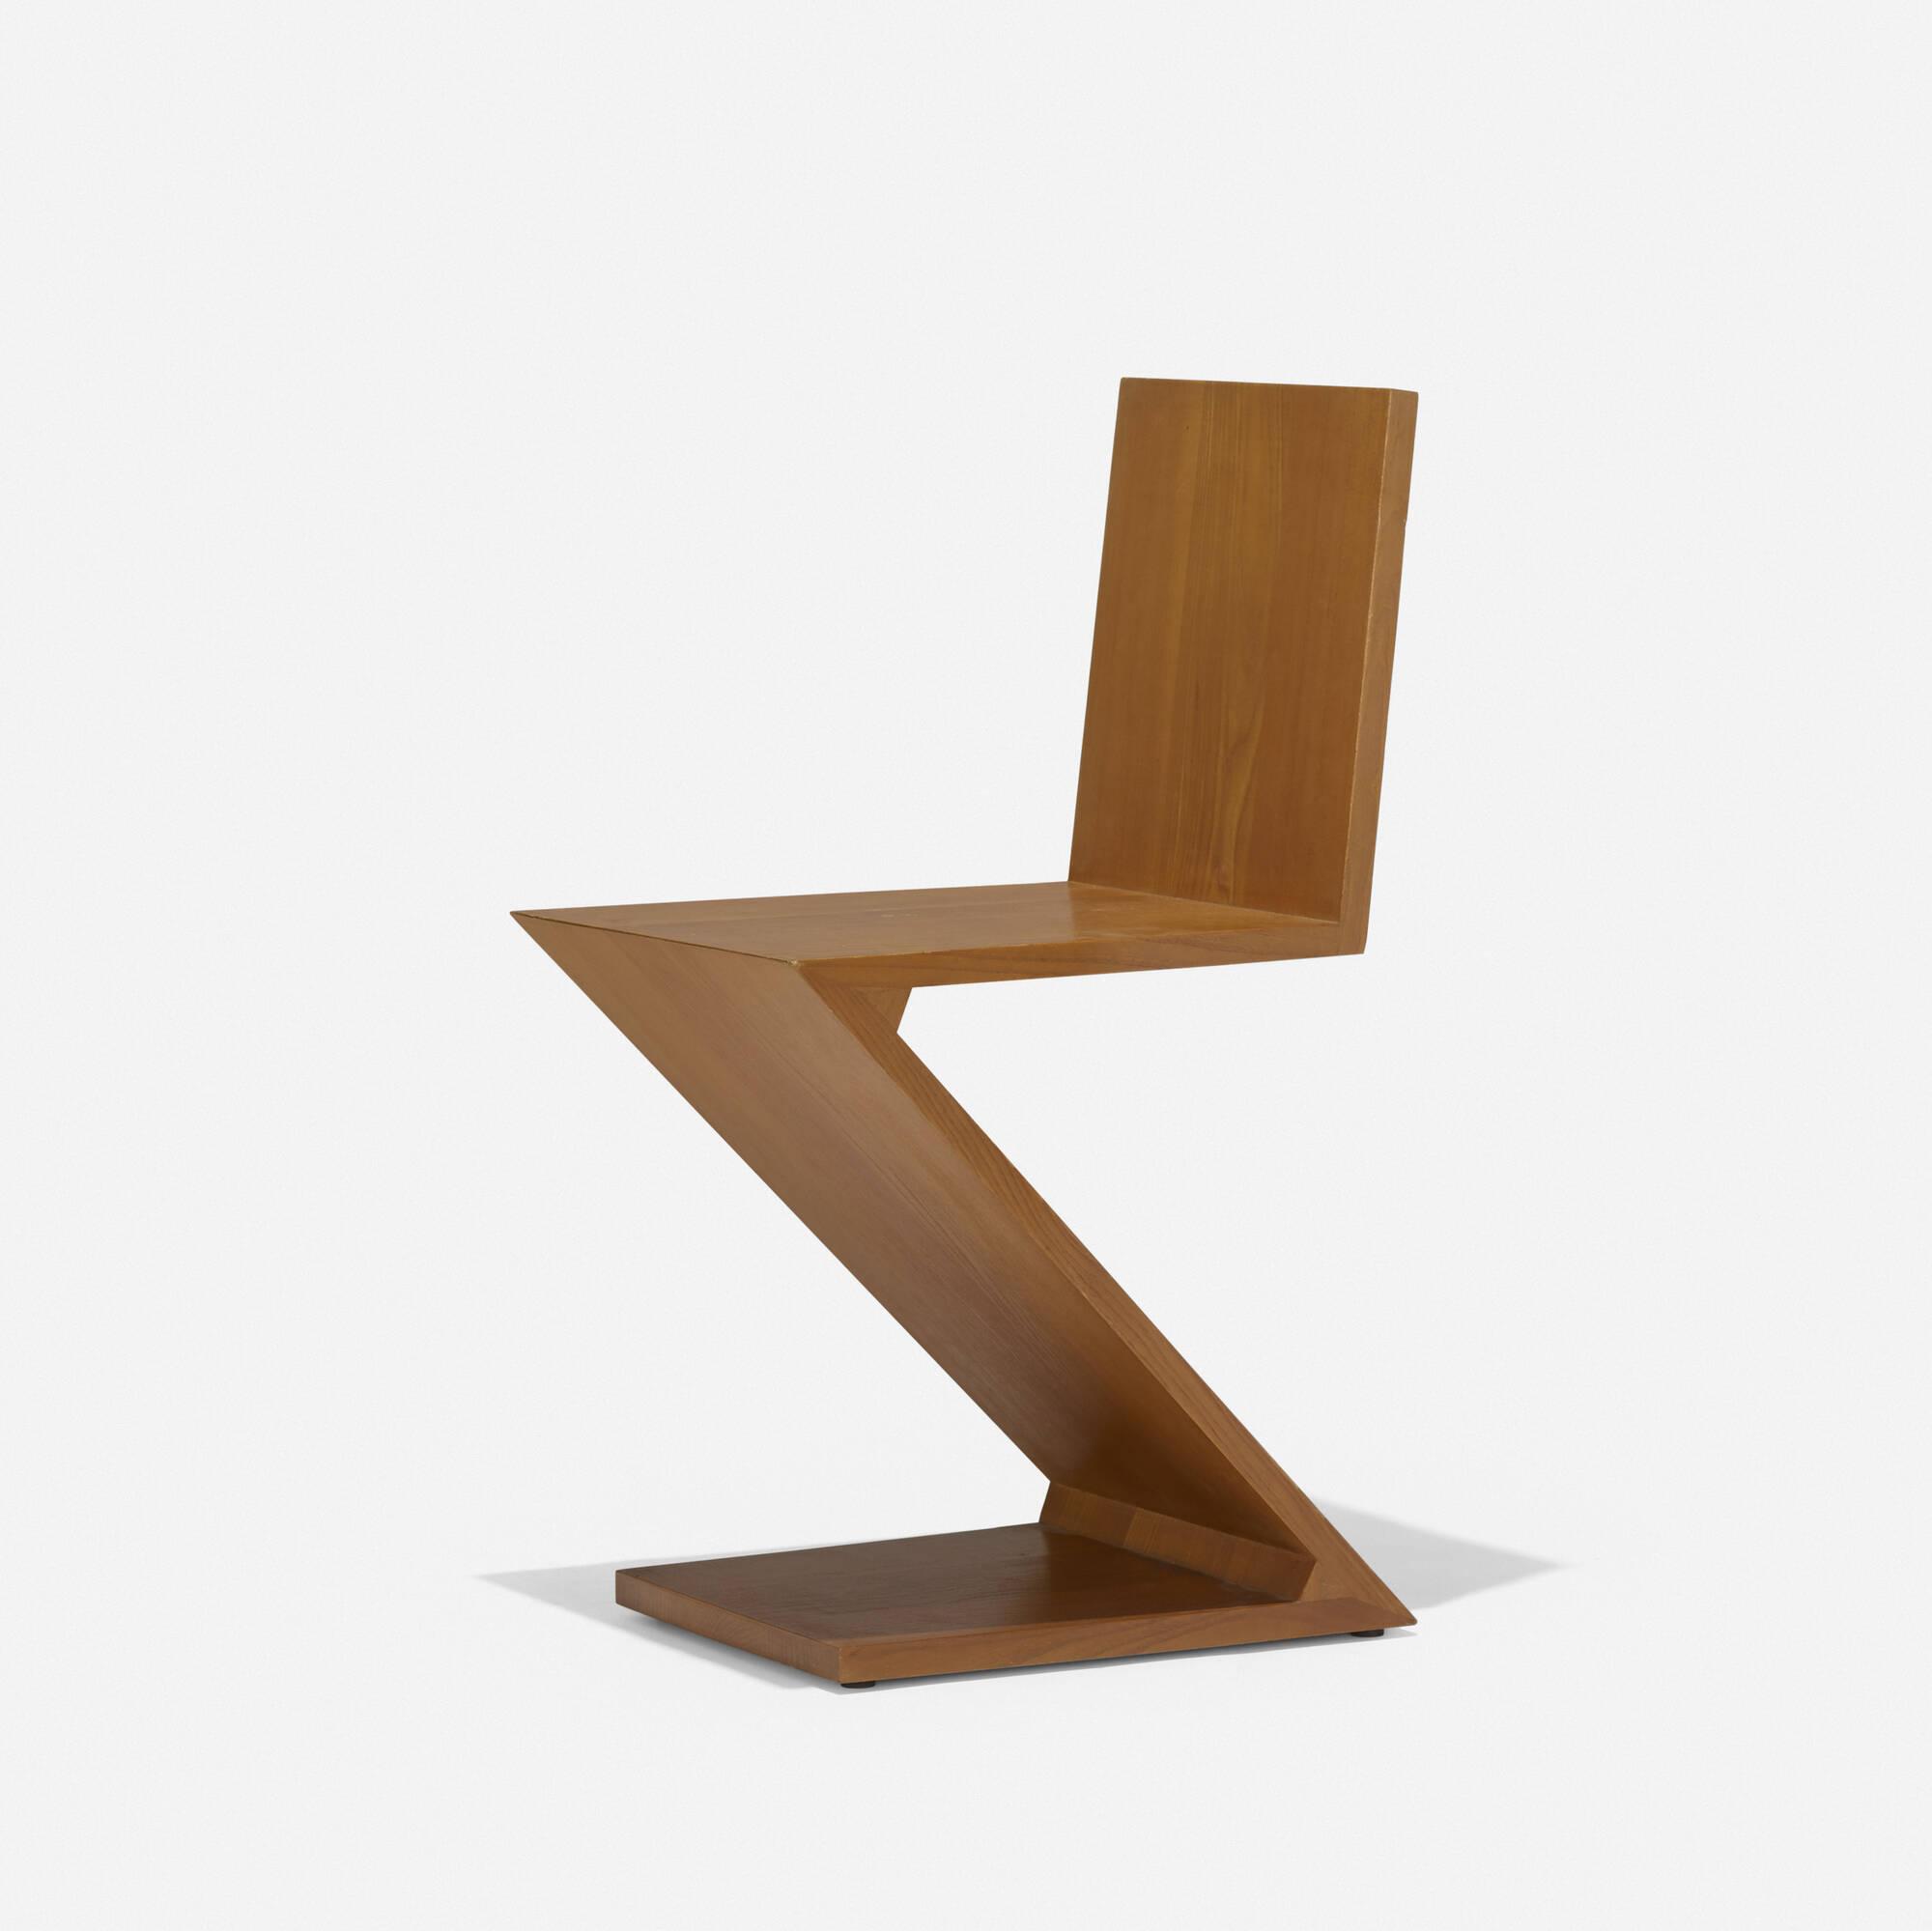 165: Gerrit Rietveld / Zig Zag chair (1 of 2)